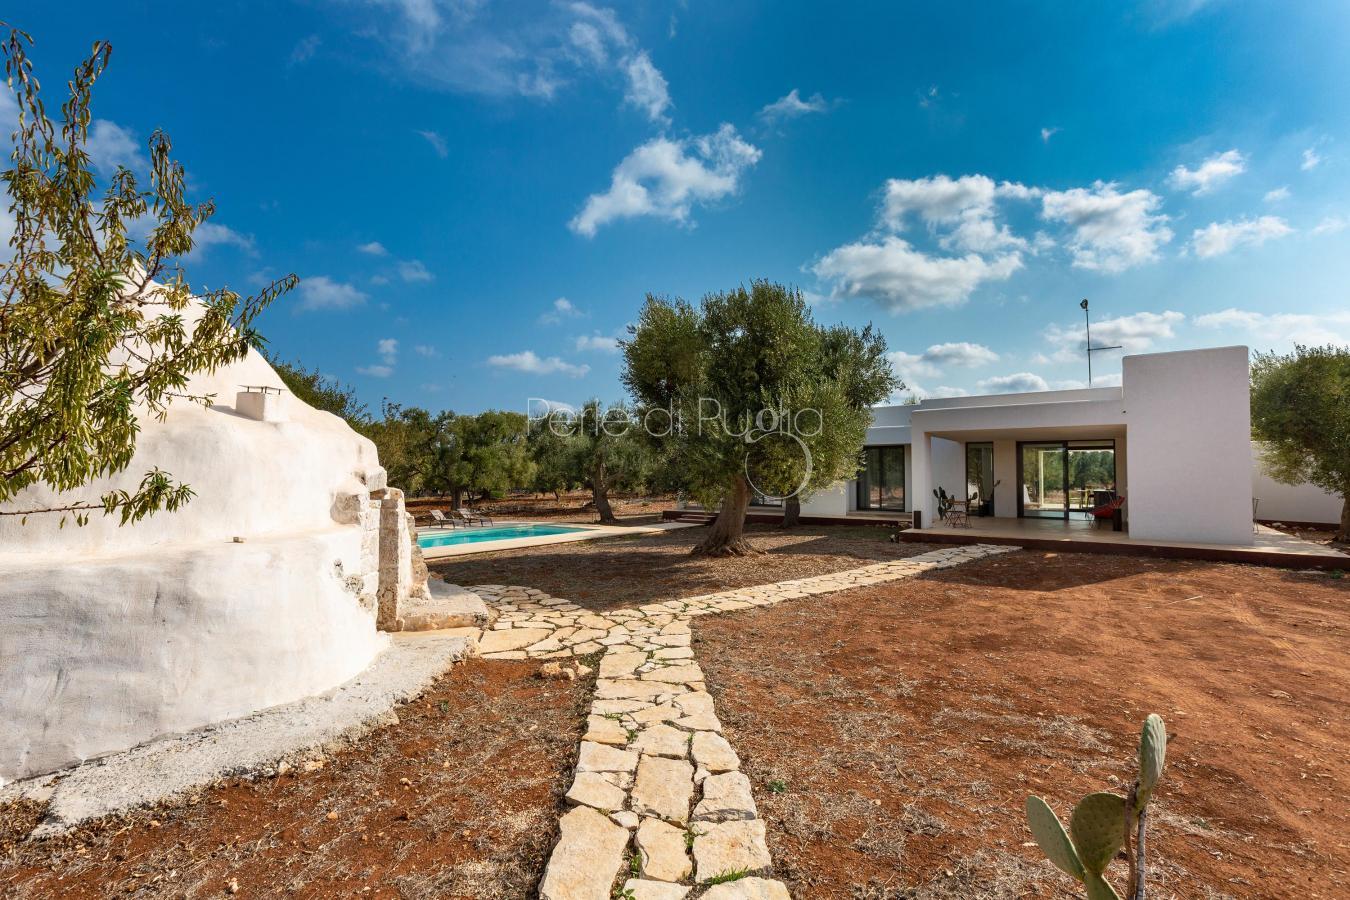 Holiday Villas - Carovigno ( Brindisi ) - Villa Magalì